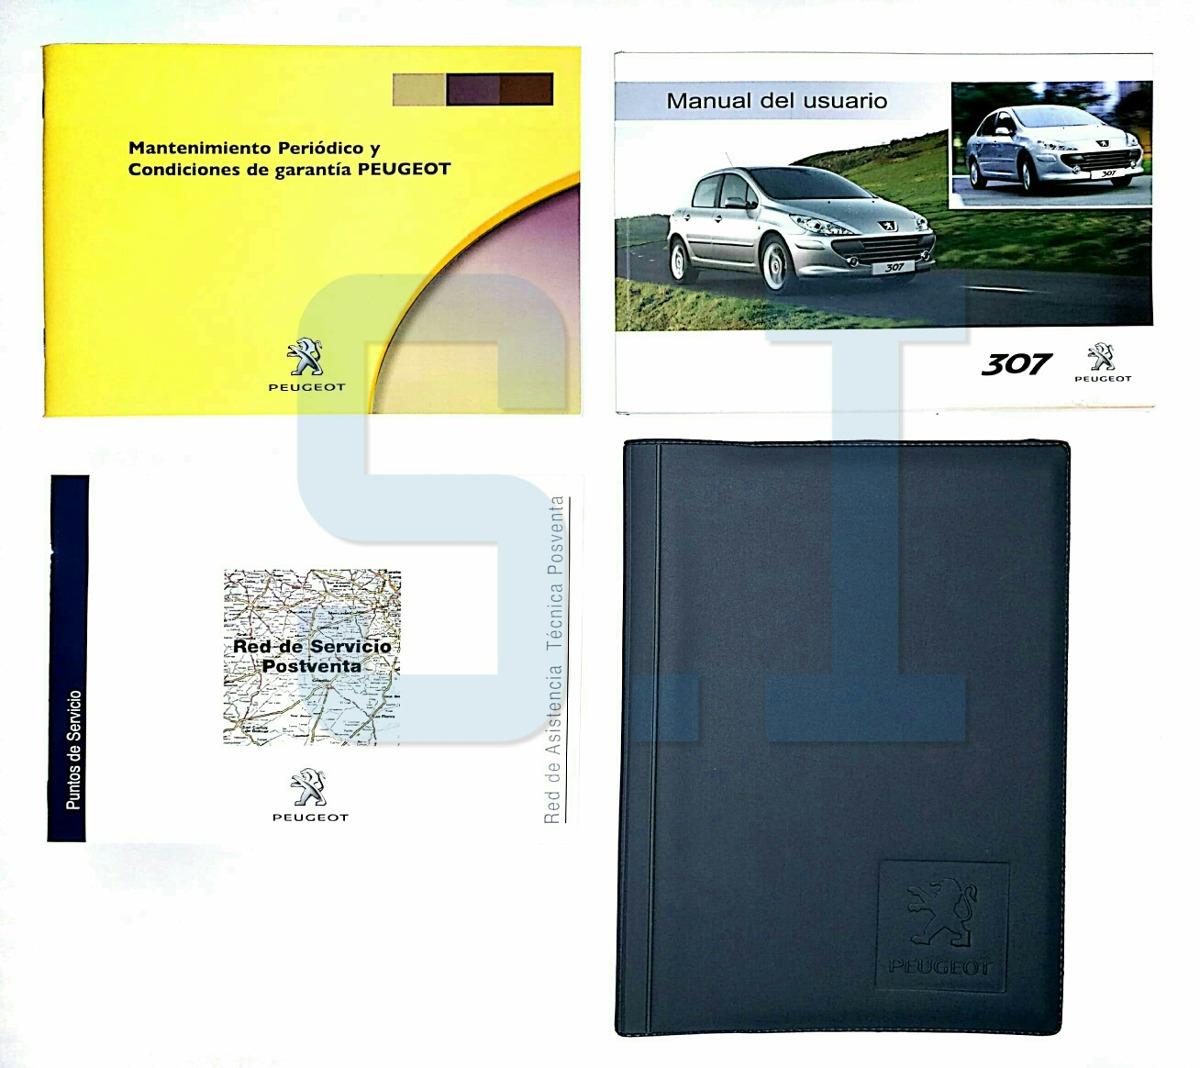 manual de usuario peugeot 307 nuevo original edición impresa. Cargando zoom.